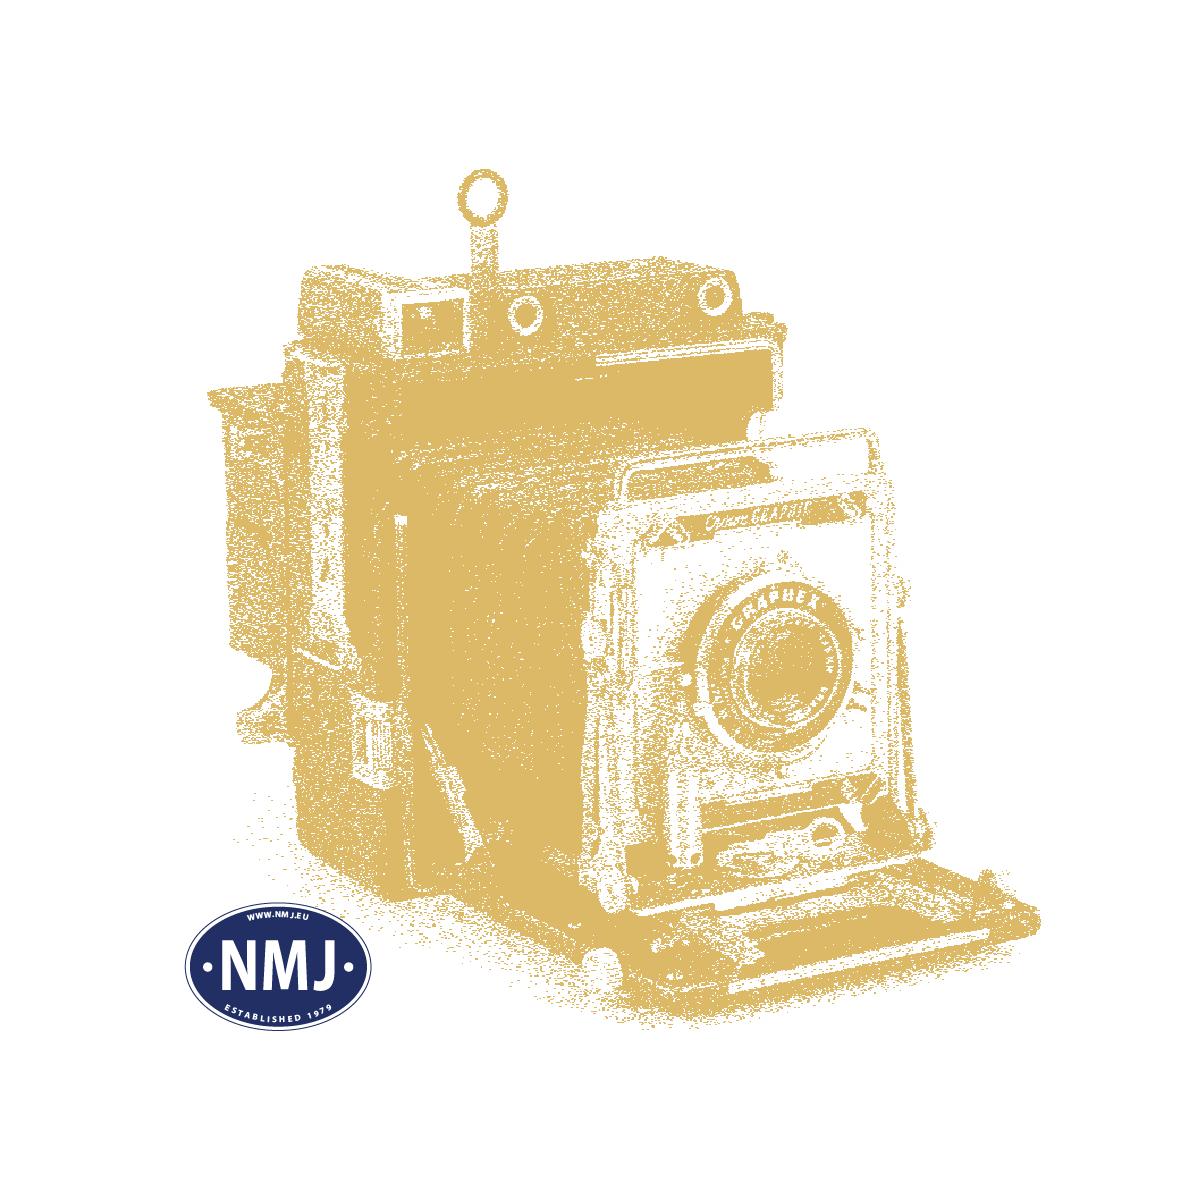 NMJT245301 - NMJ Topline CFL 1601, 0-Scale, DCC w/ Sound